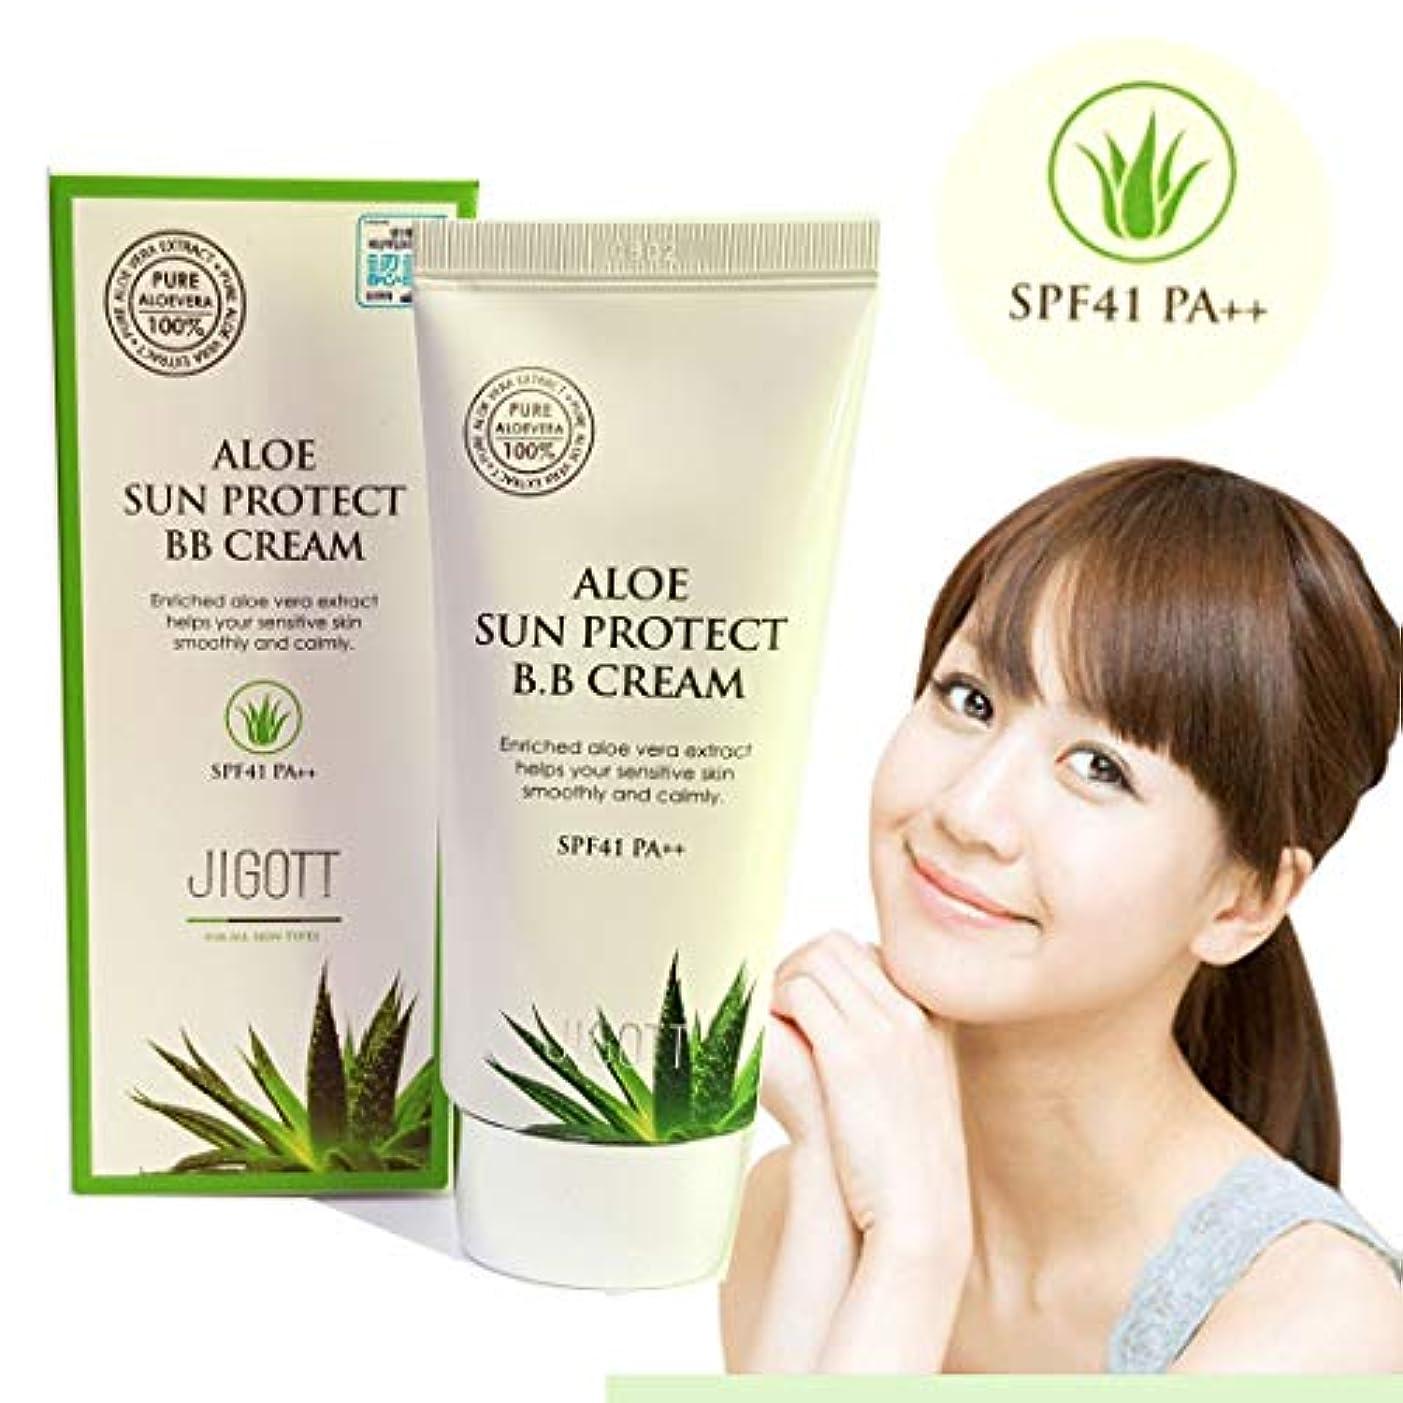 ところでラベル何故なの[JIGOTT] アロエサンプロテクトBBクリーム50ml / Aloe Sun Protect BB Cream 50ml / SPF41 PA ++ /アロエベラエキス/水分&栄養/Aloe vera extract...